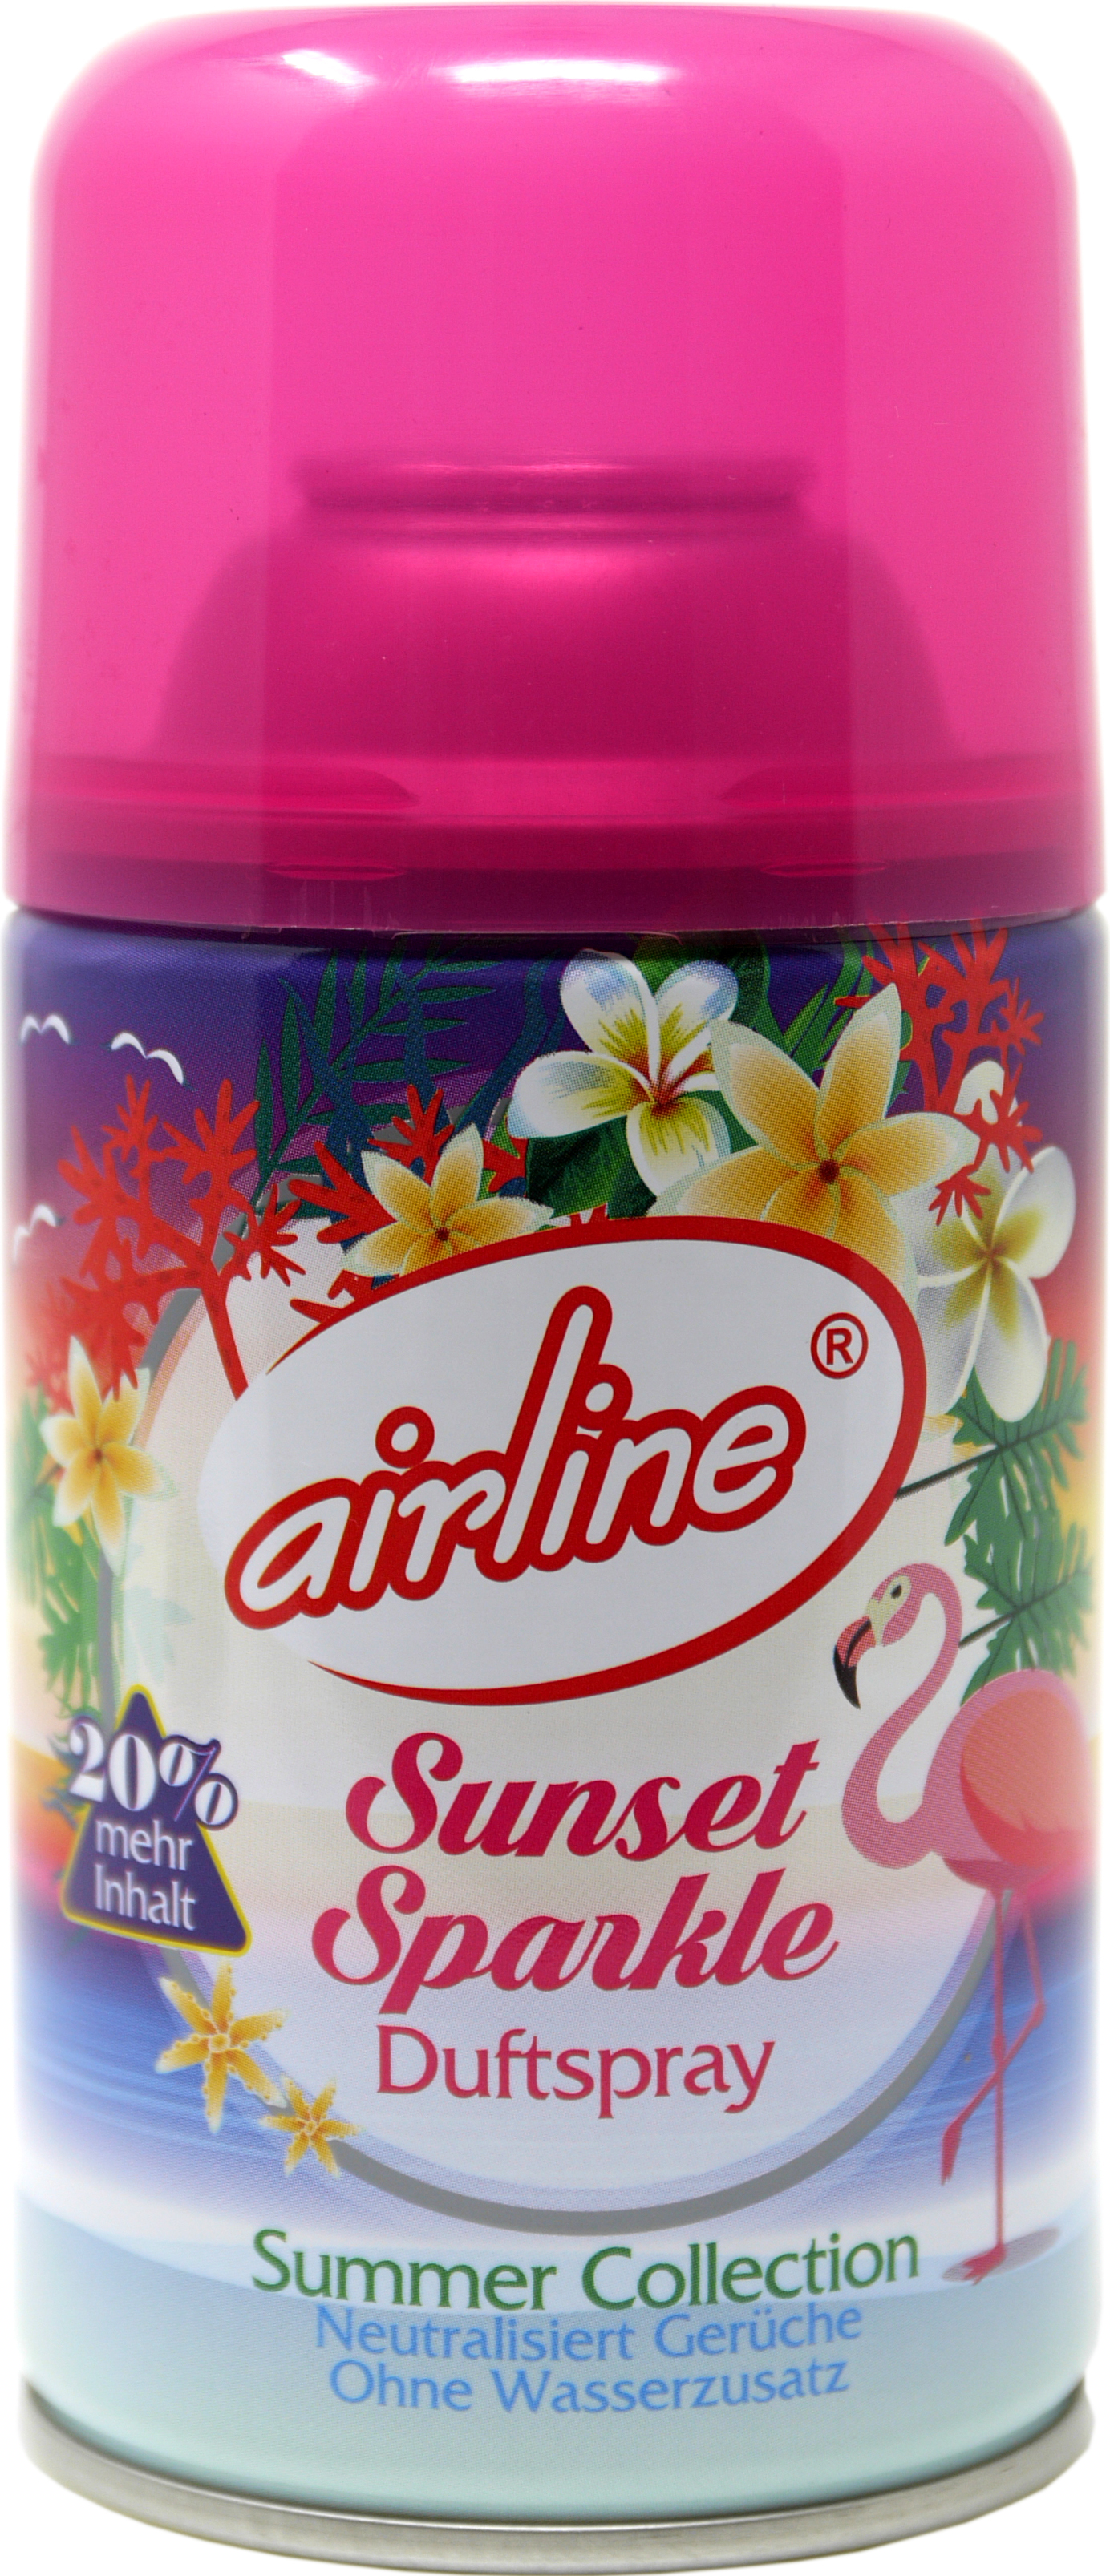 00532 - airline Summer Collection Sunset Sparkle Nachfüllkartusche 300 ml